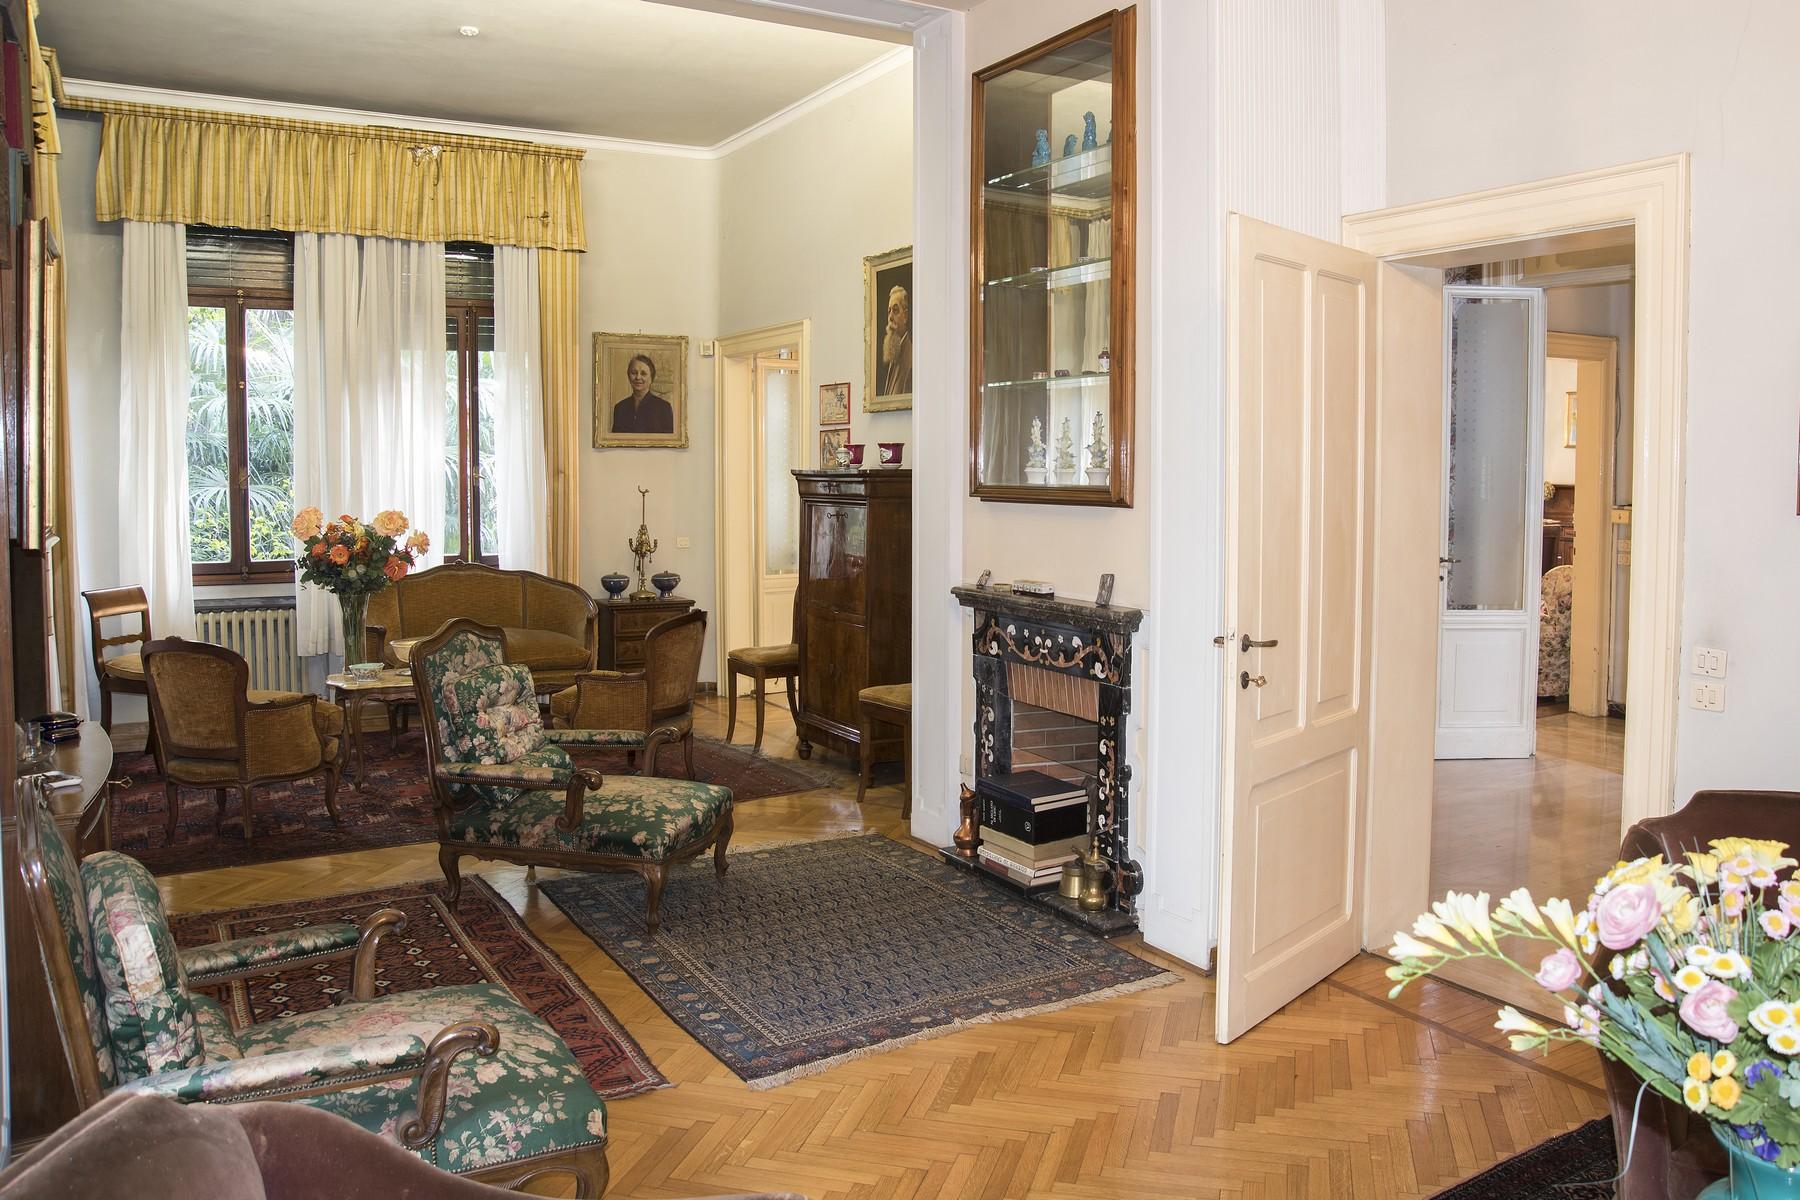 Villa in Vendita a Treviso: 5 locali, 460 mq - Foto 13